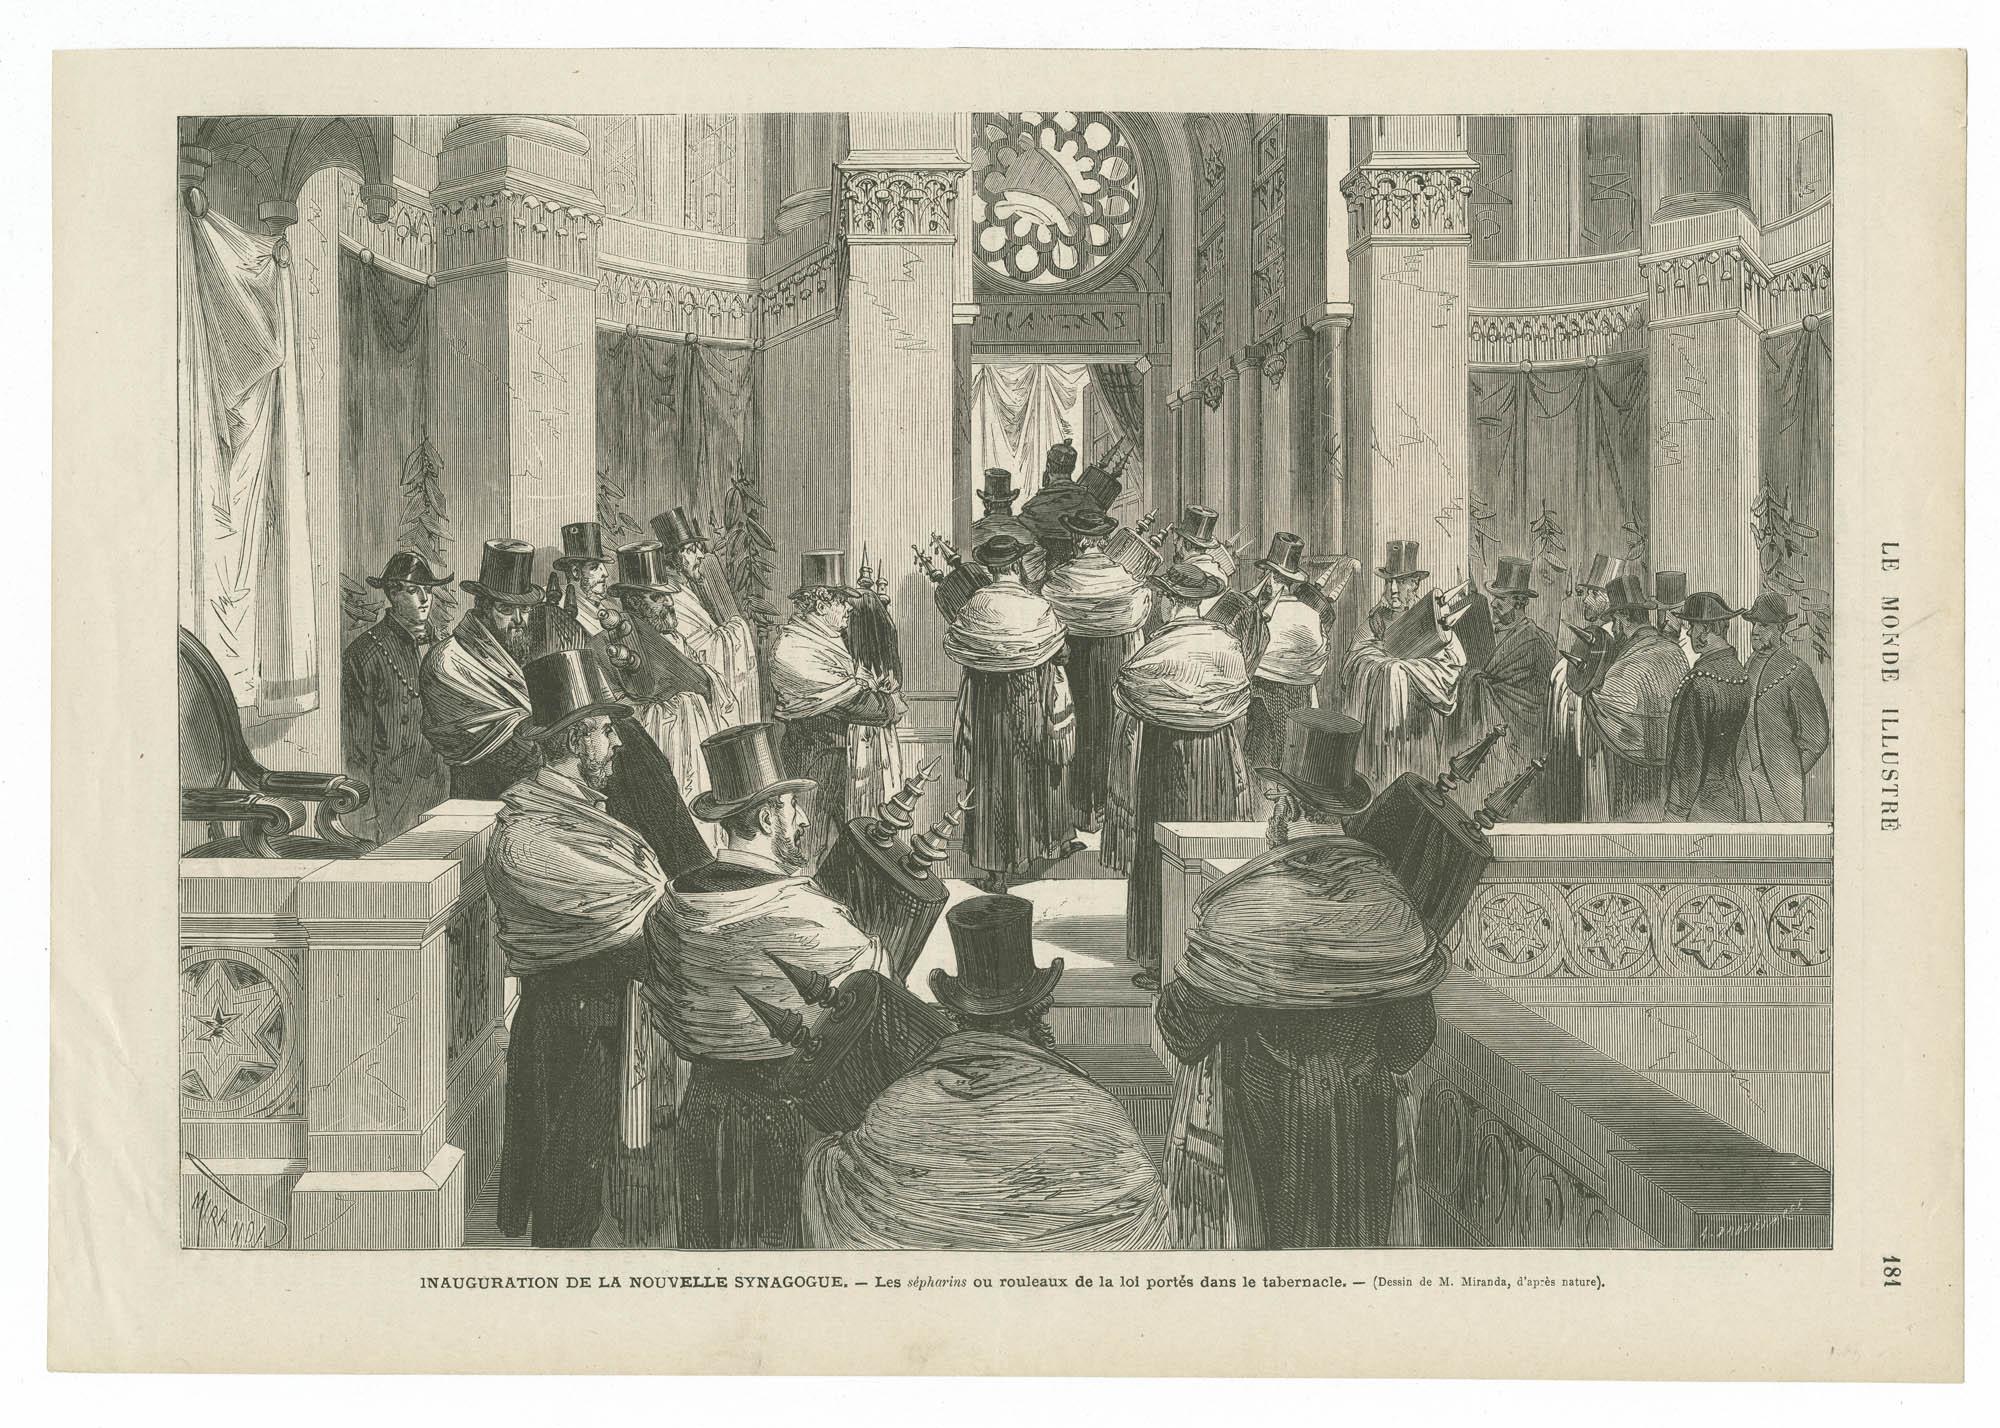 Inauguration de la nouvelle synagogue. - Les sépharins ou rouleaux de la loi portés dans le tabernacle.